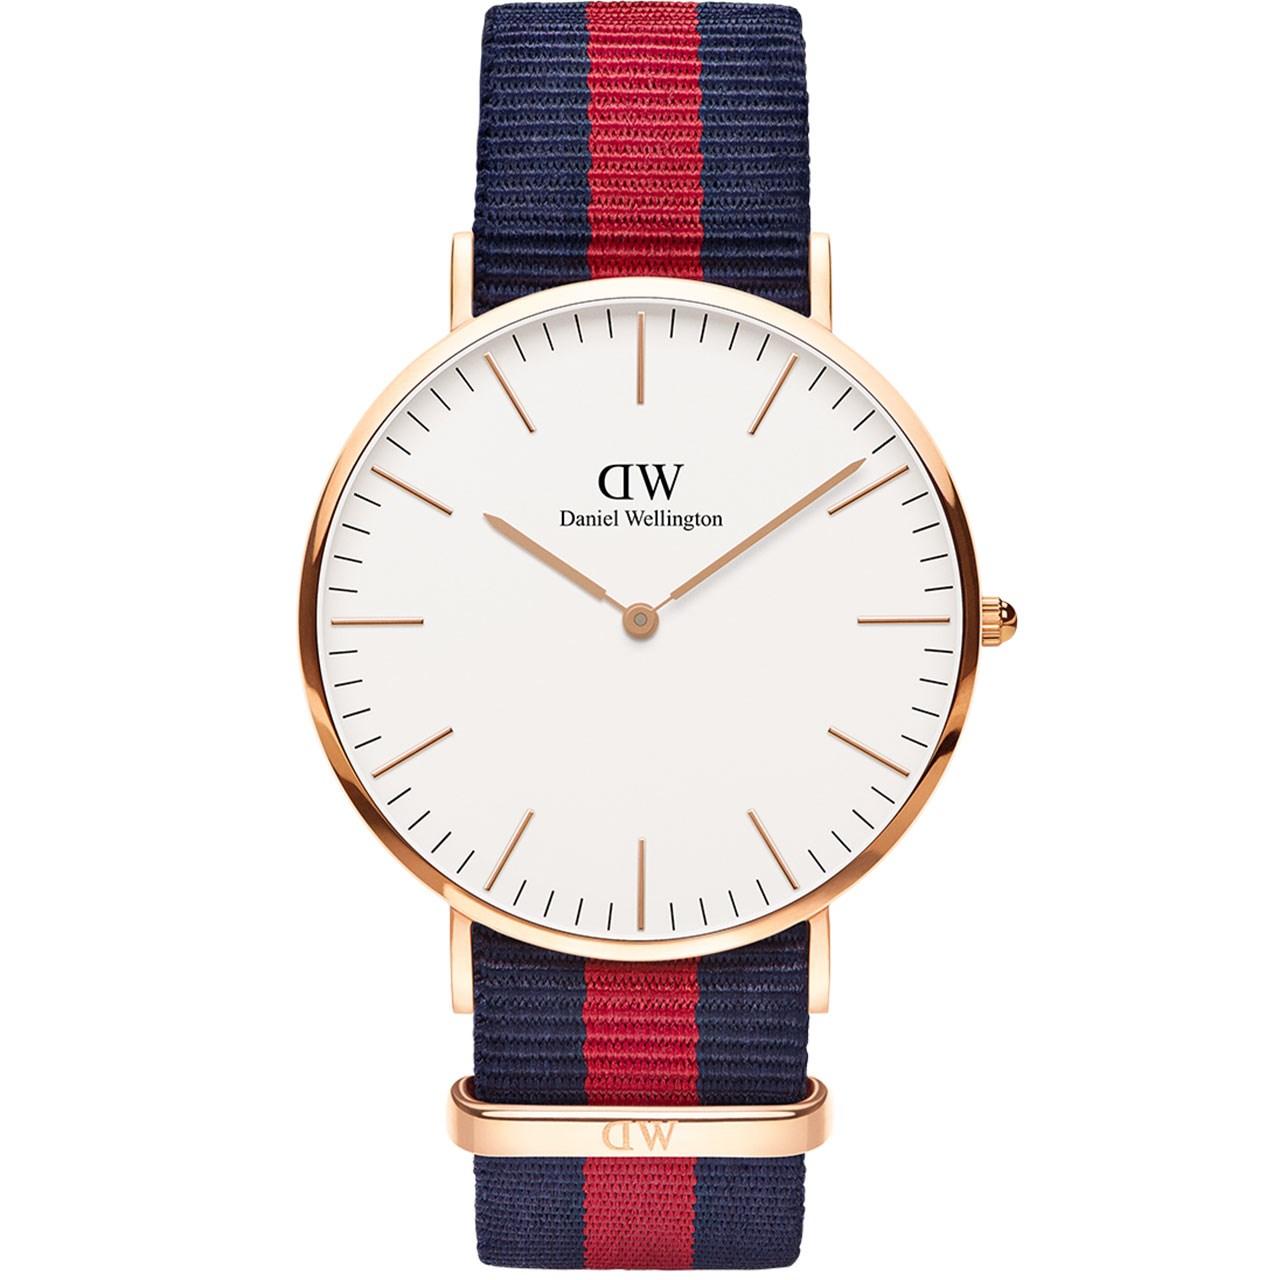 ساعت مچی عقربه ای مردانه دنیل ولینگتون مدل DW00100001